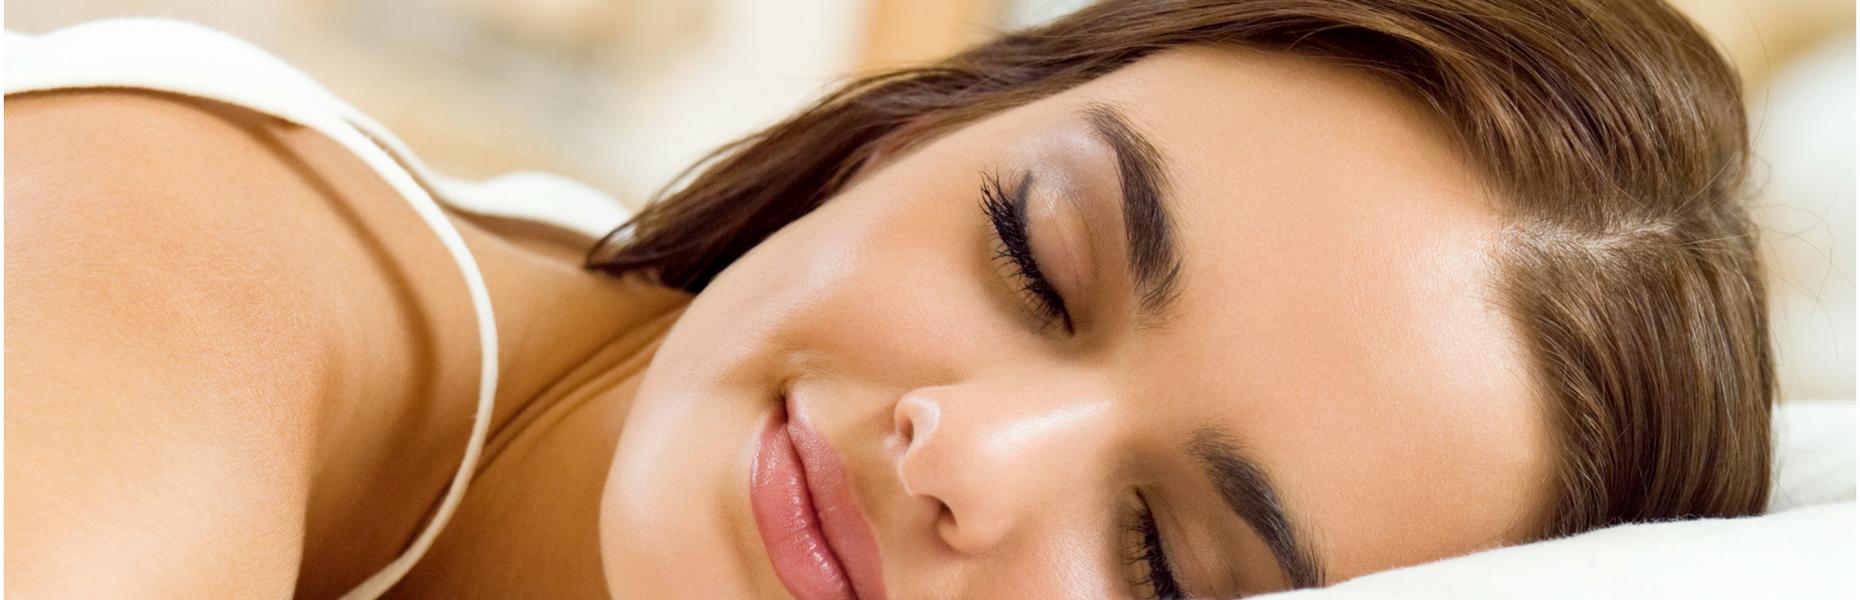 Kann Man Wirklich Gesund Im Schlaf Abnehmen 2